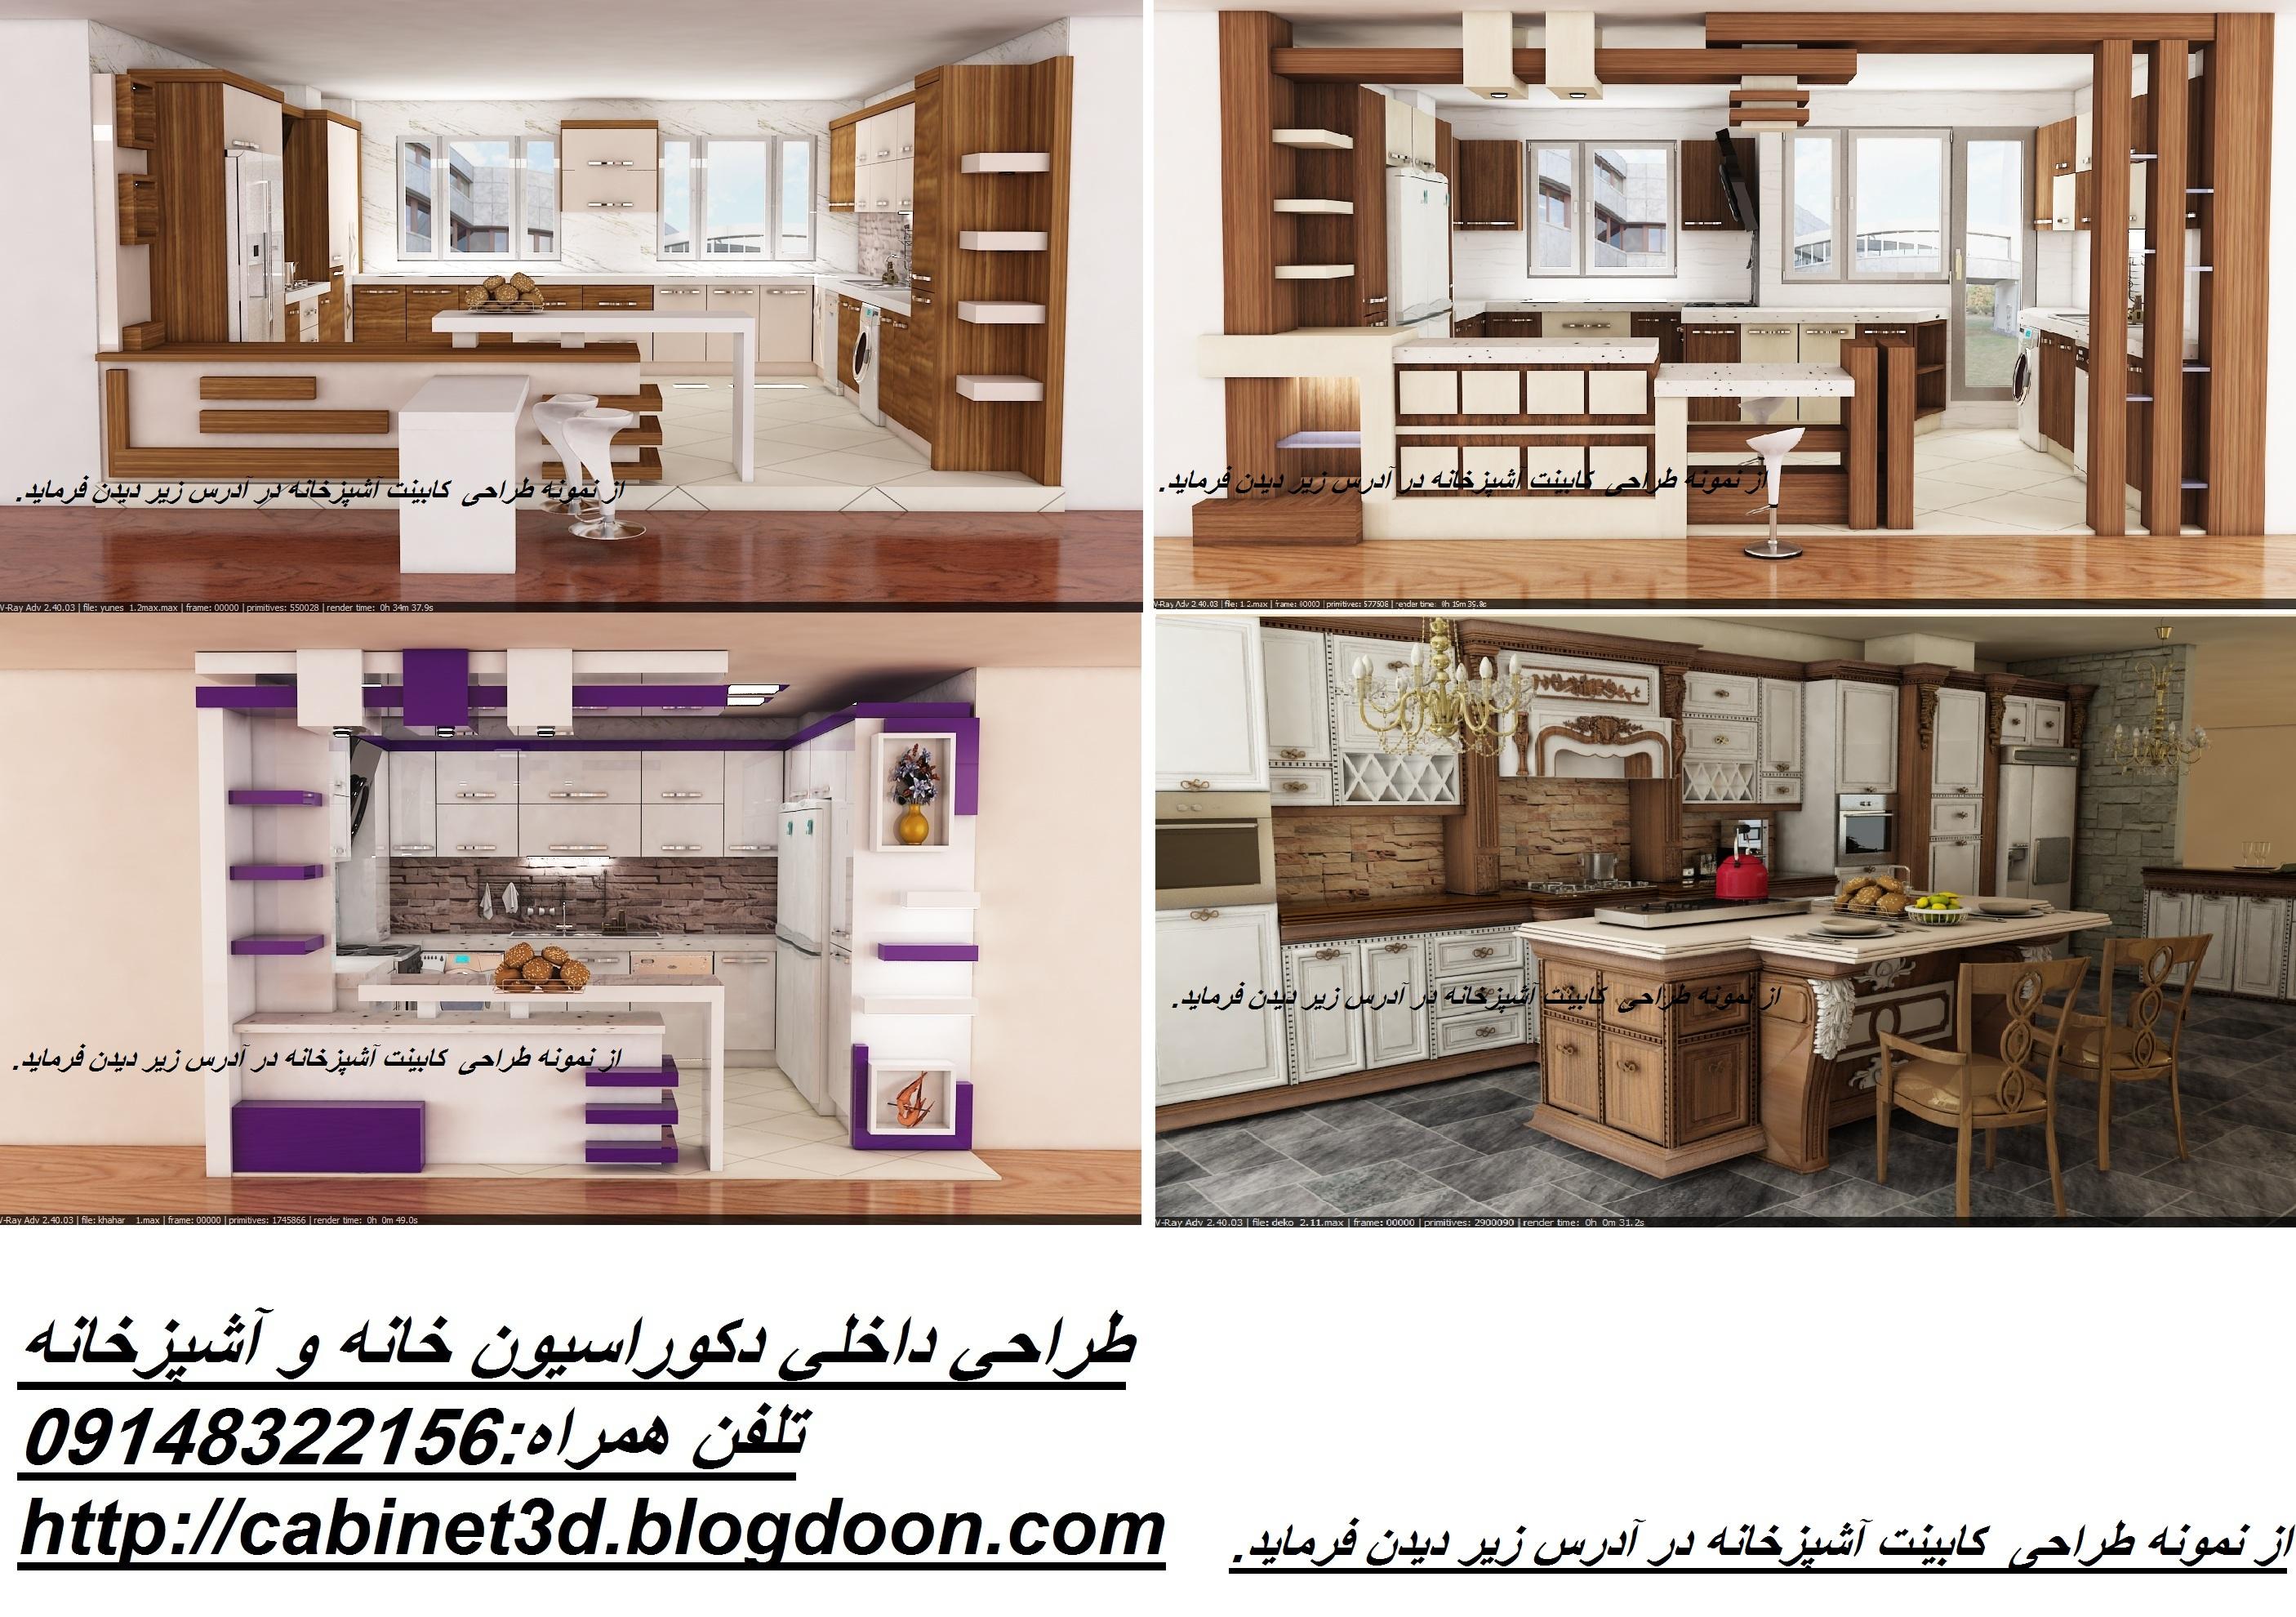 طراحی داخلی دکوراسیون خانه و آشپزخانه ـ سایلار